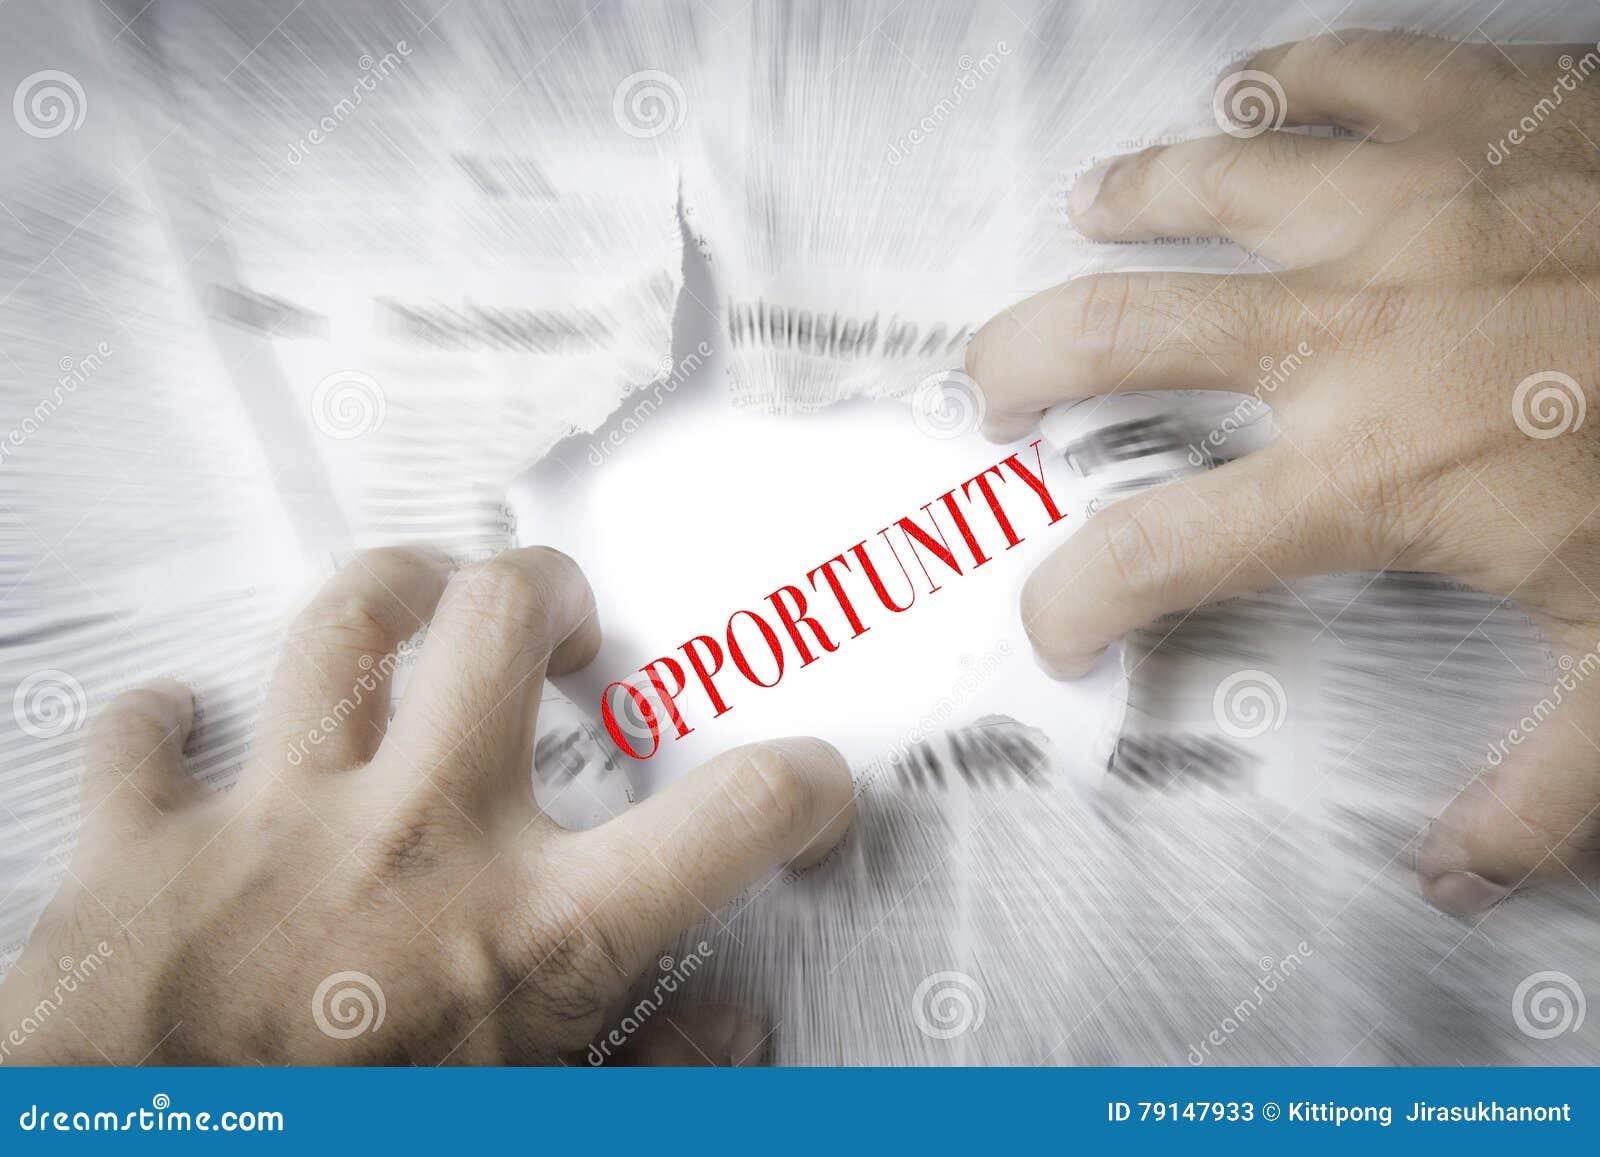 Gelegenheitssuche